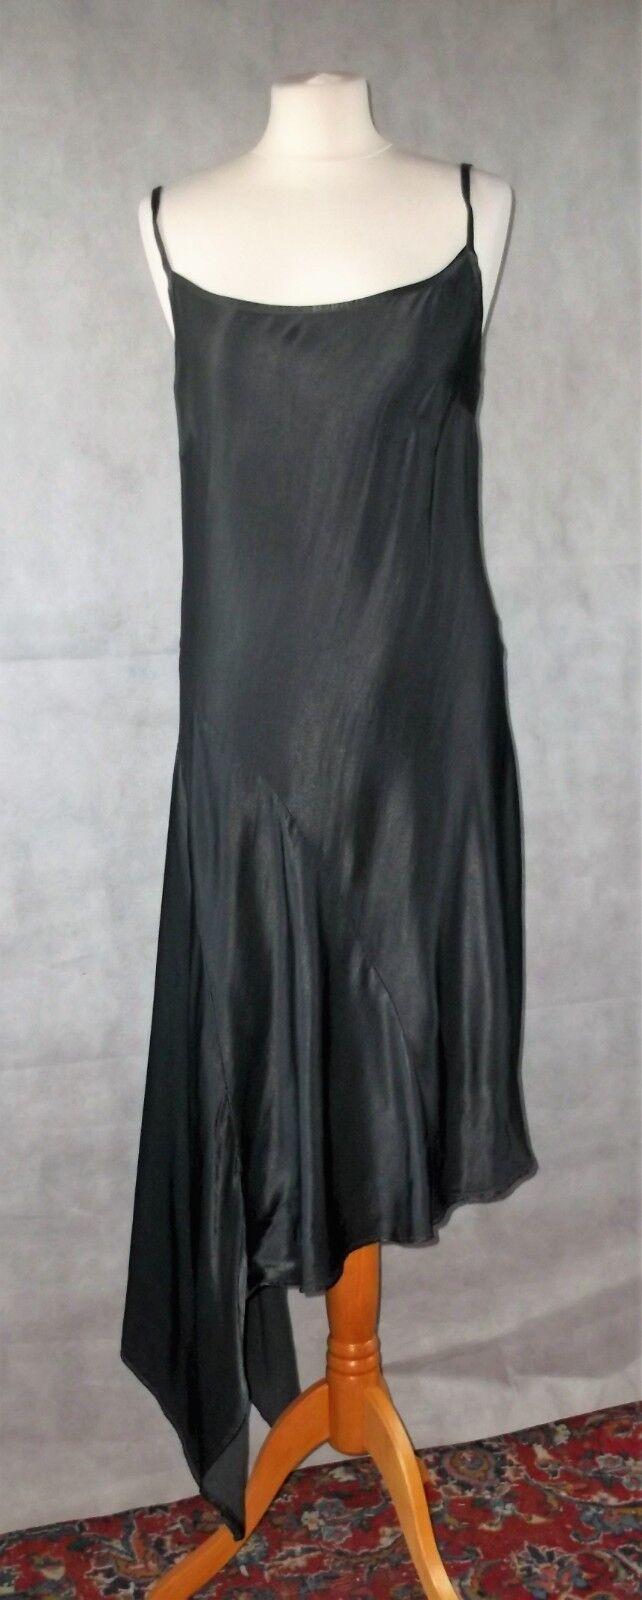 NEW WITH TAGS GHOST grau asymmetric hem dress Größe s